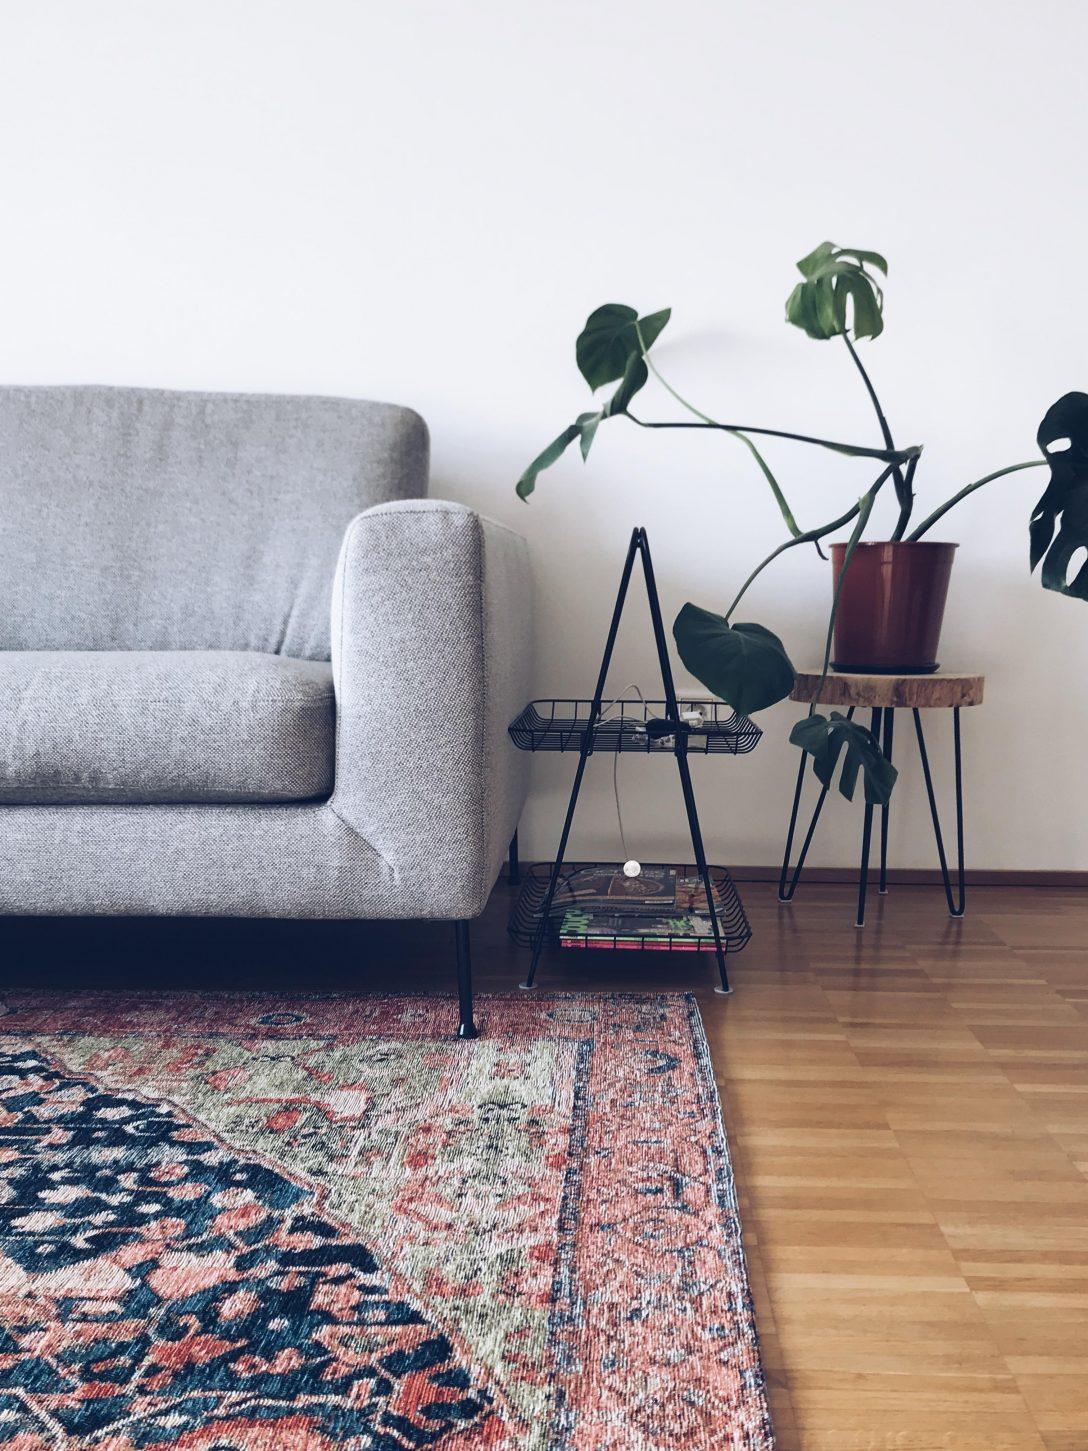 Large Size of Wohnzimmer Teppich Weich Wohnzimmer Mit Teppich Auslegen Wohnzimmer Teppich Wolle Teppich Für Wohnzimmer 300x400 Wohnzimmer Wohnzimmer Teppich